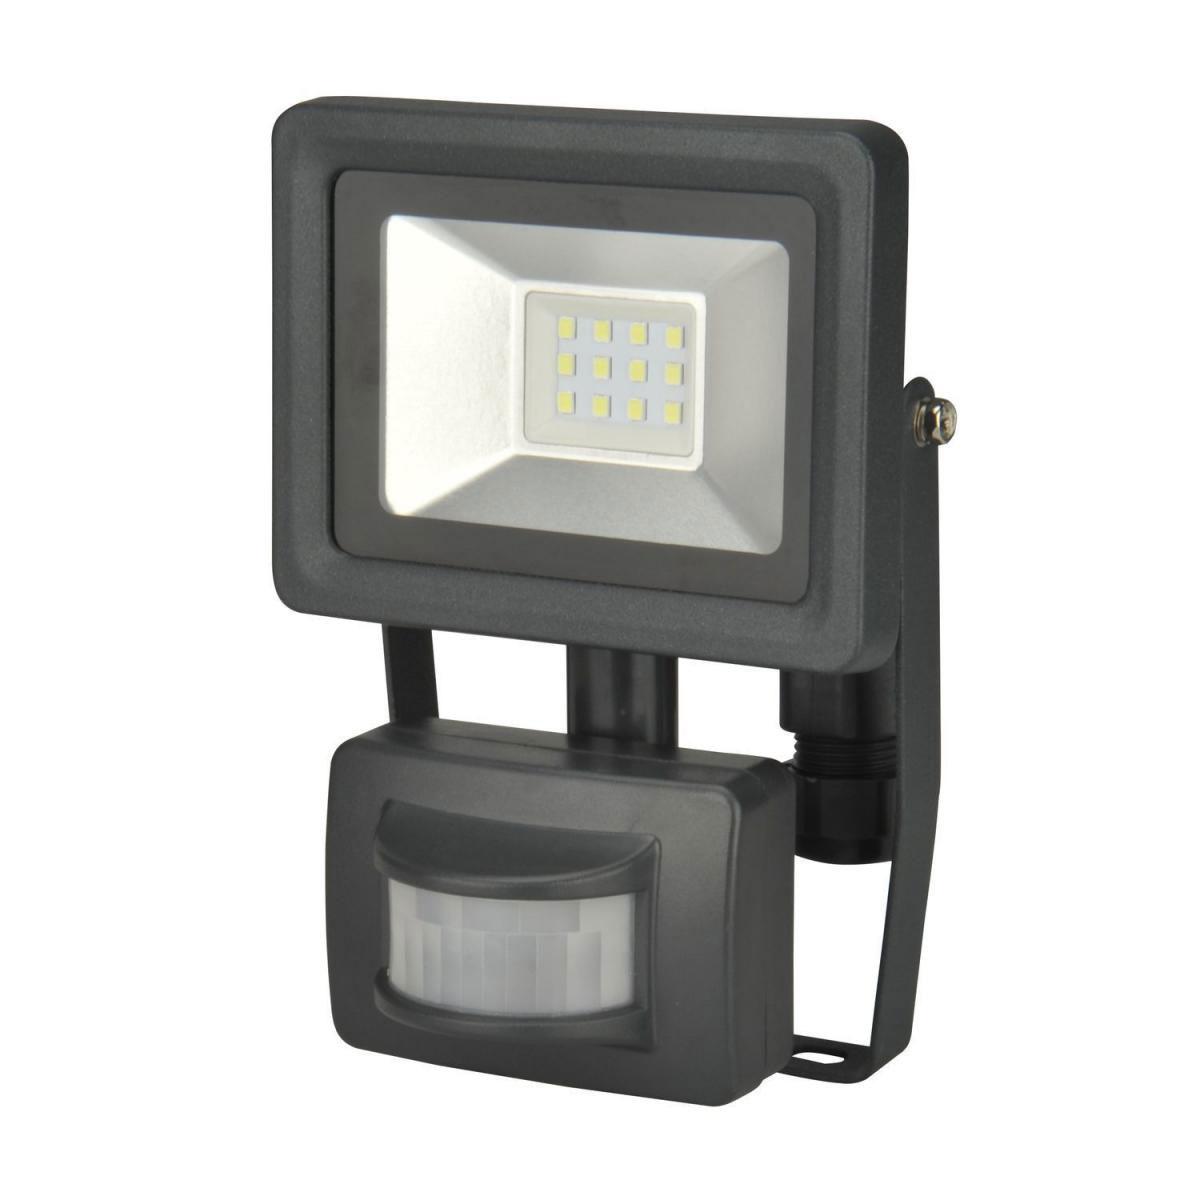 LED Strahler 10w Bewegungsmelder XQ-Lite 800 Lumen Gehäuse schwarz